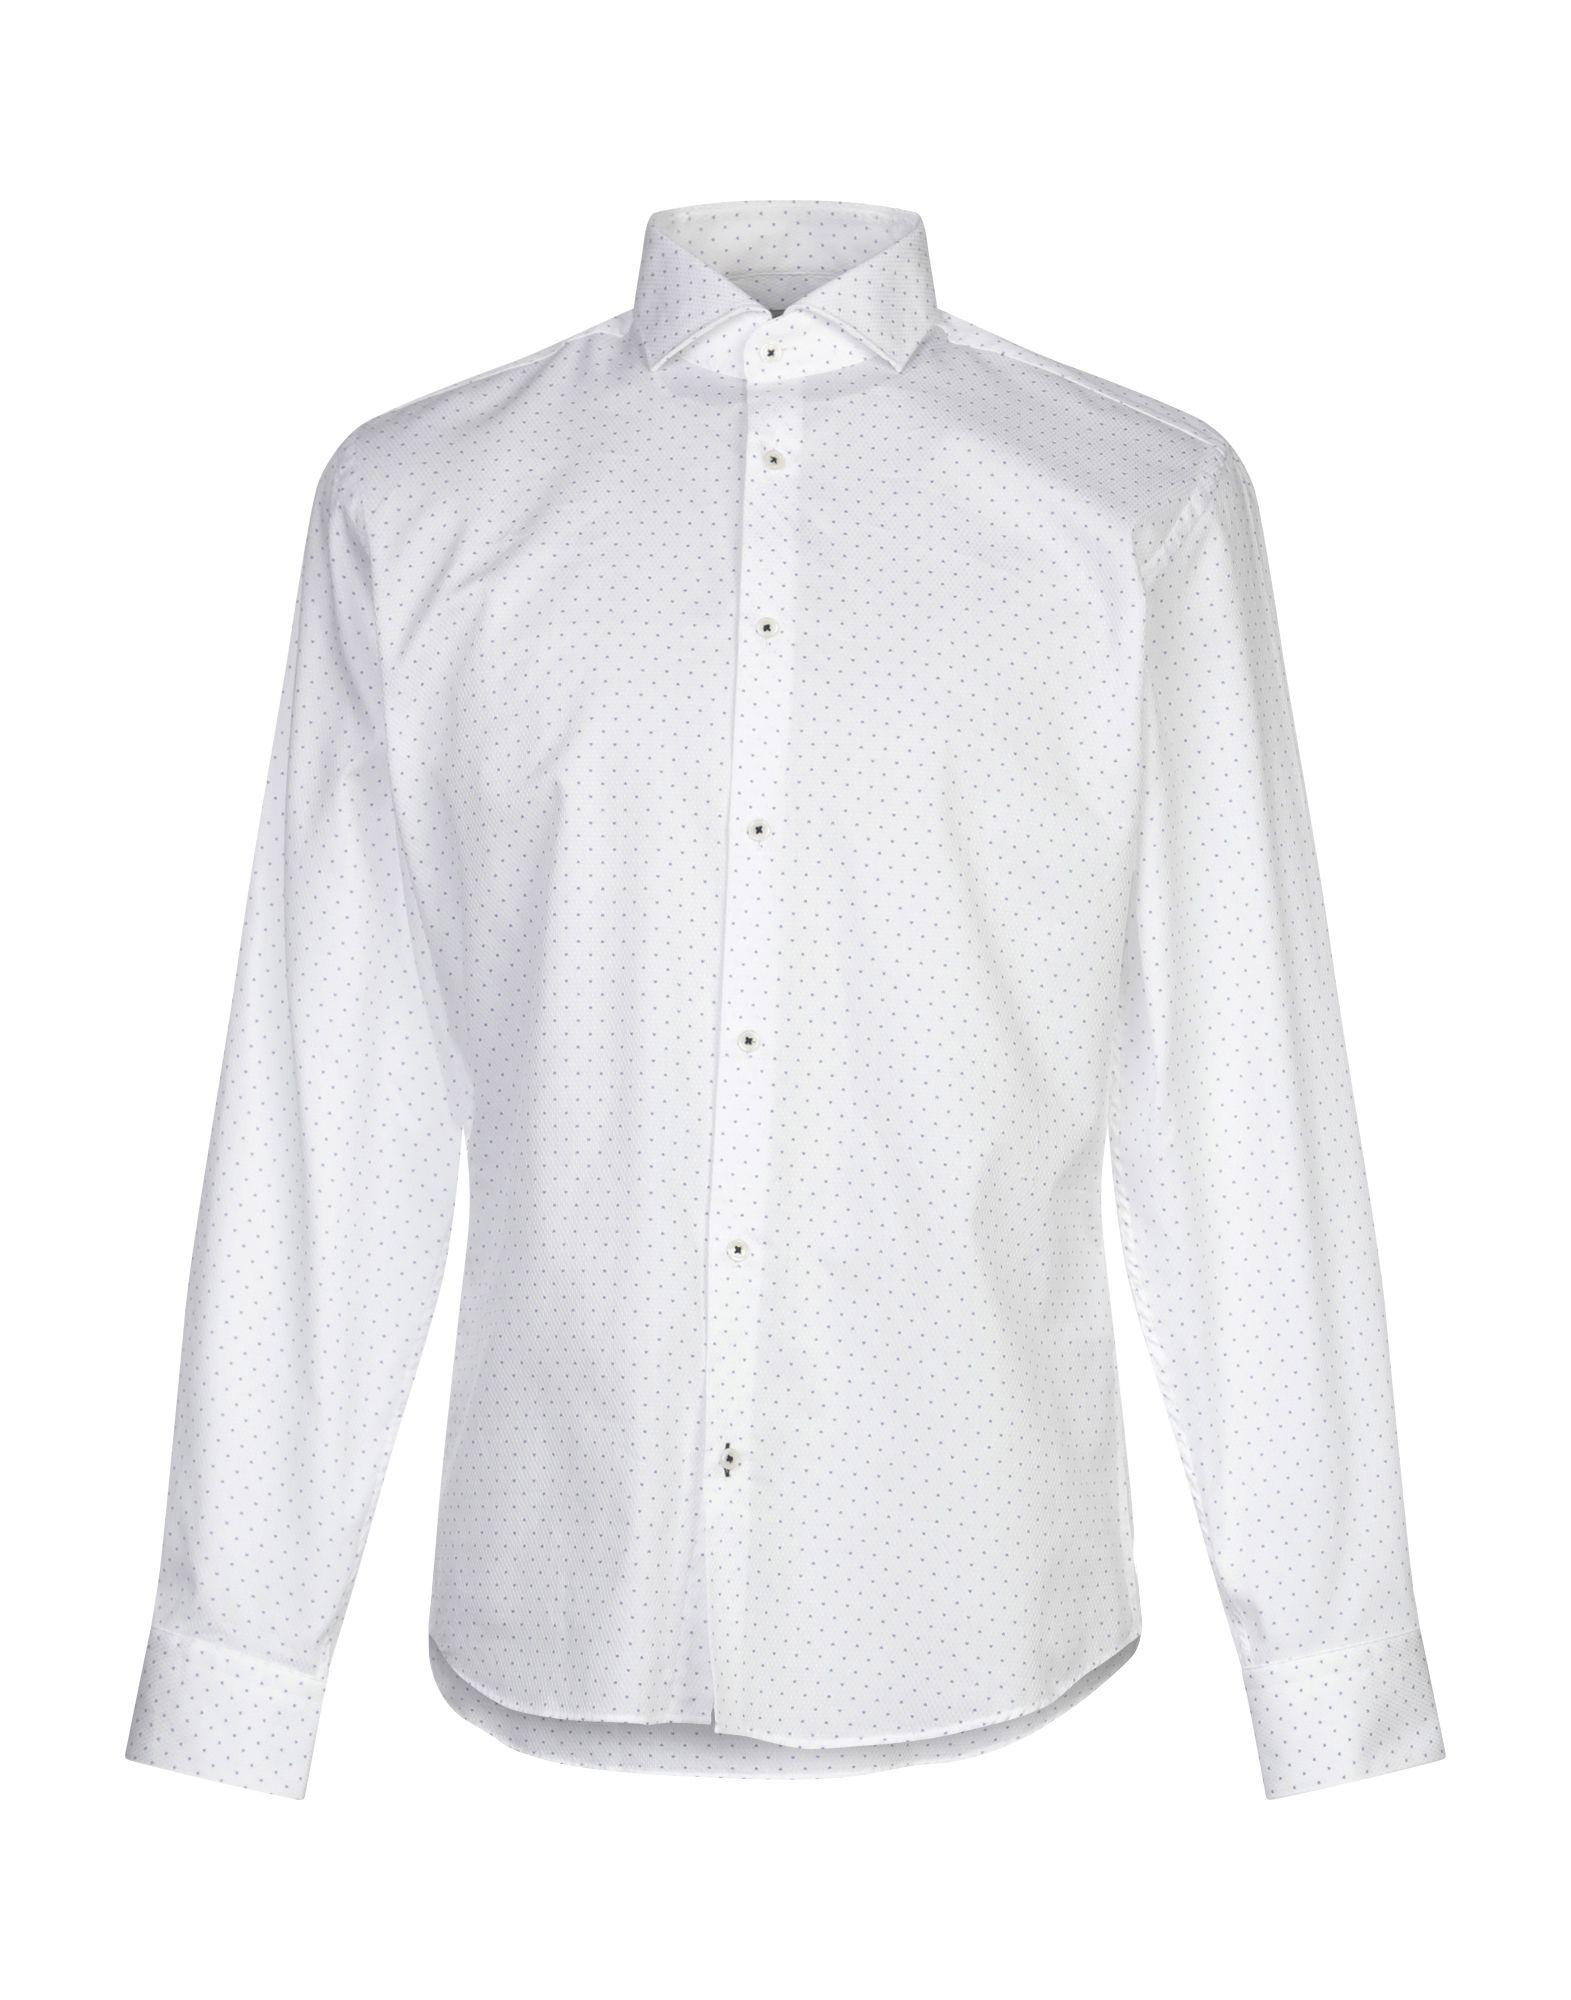 《送料無料》JACK & JONES PREMIUM メンズ シャツ ホワイト S コットン 100%